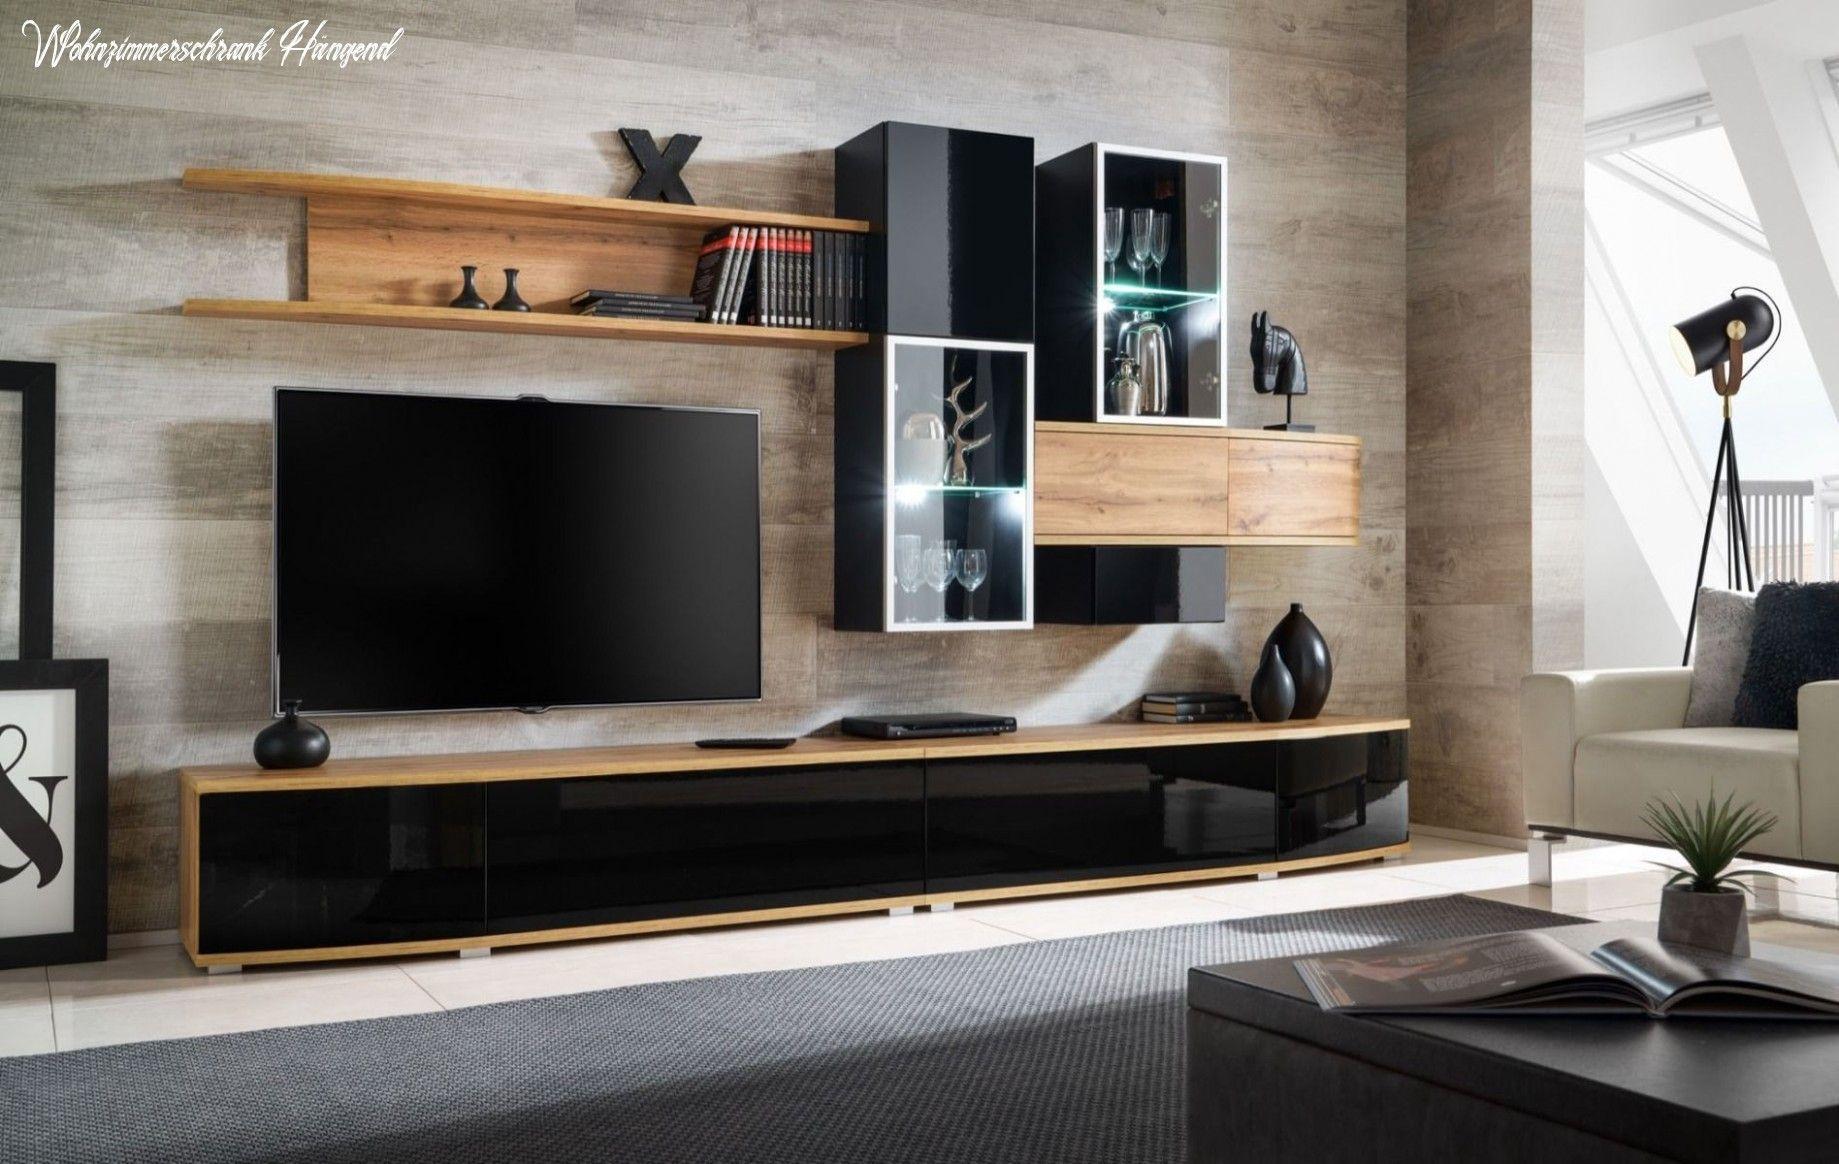 9 Wohnzimmerschrank Hängend Dekorieren Und Dekorieren in 9